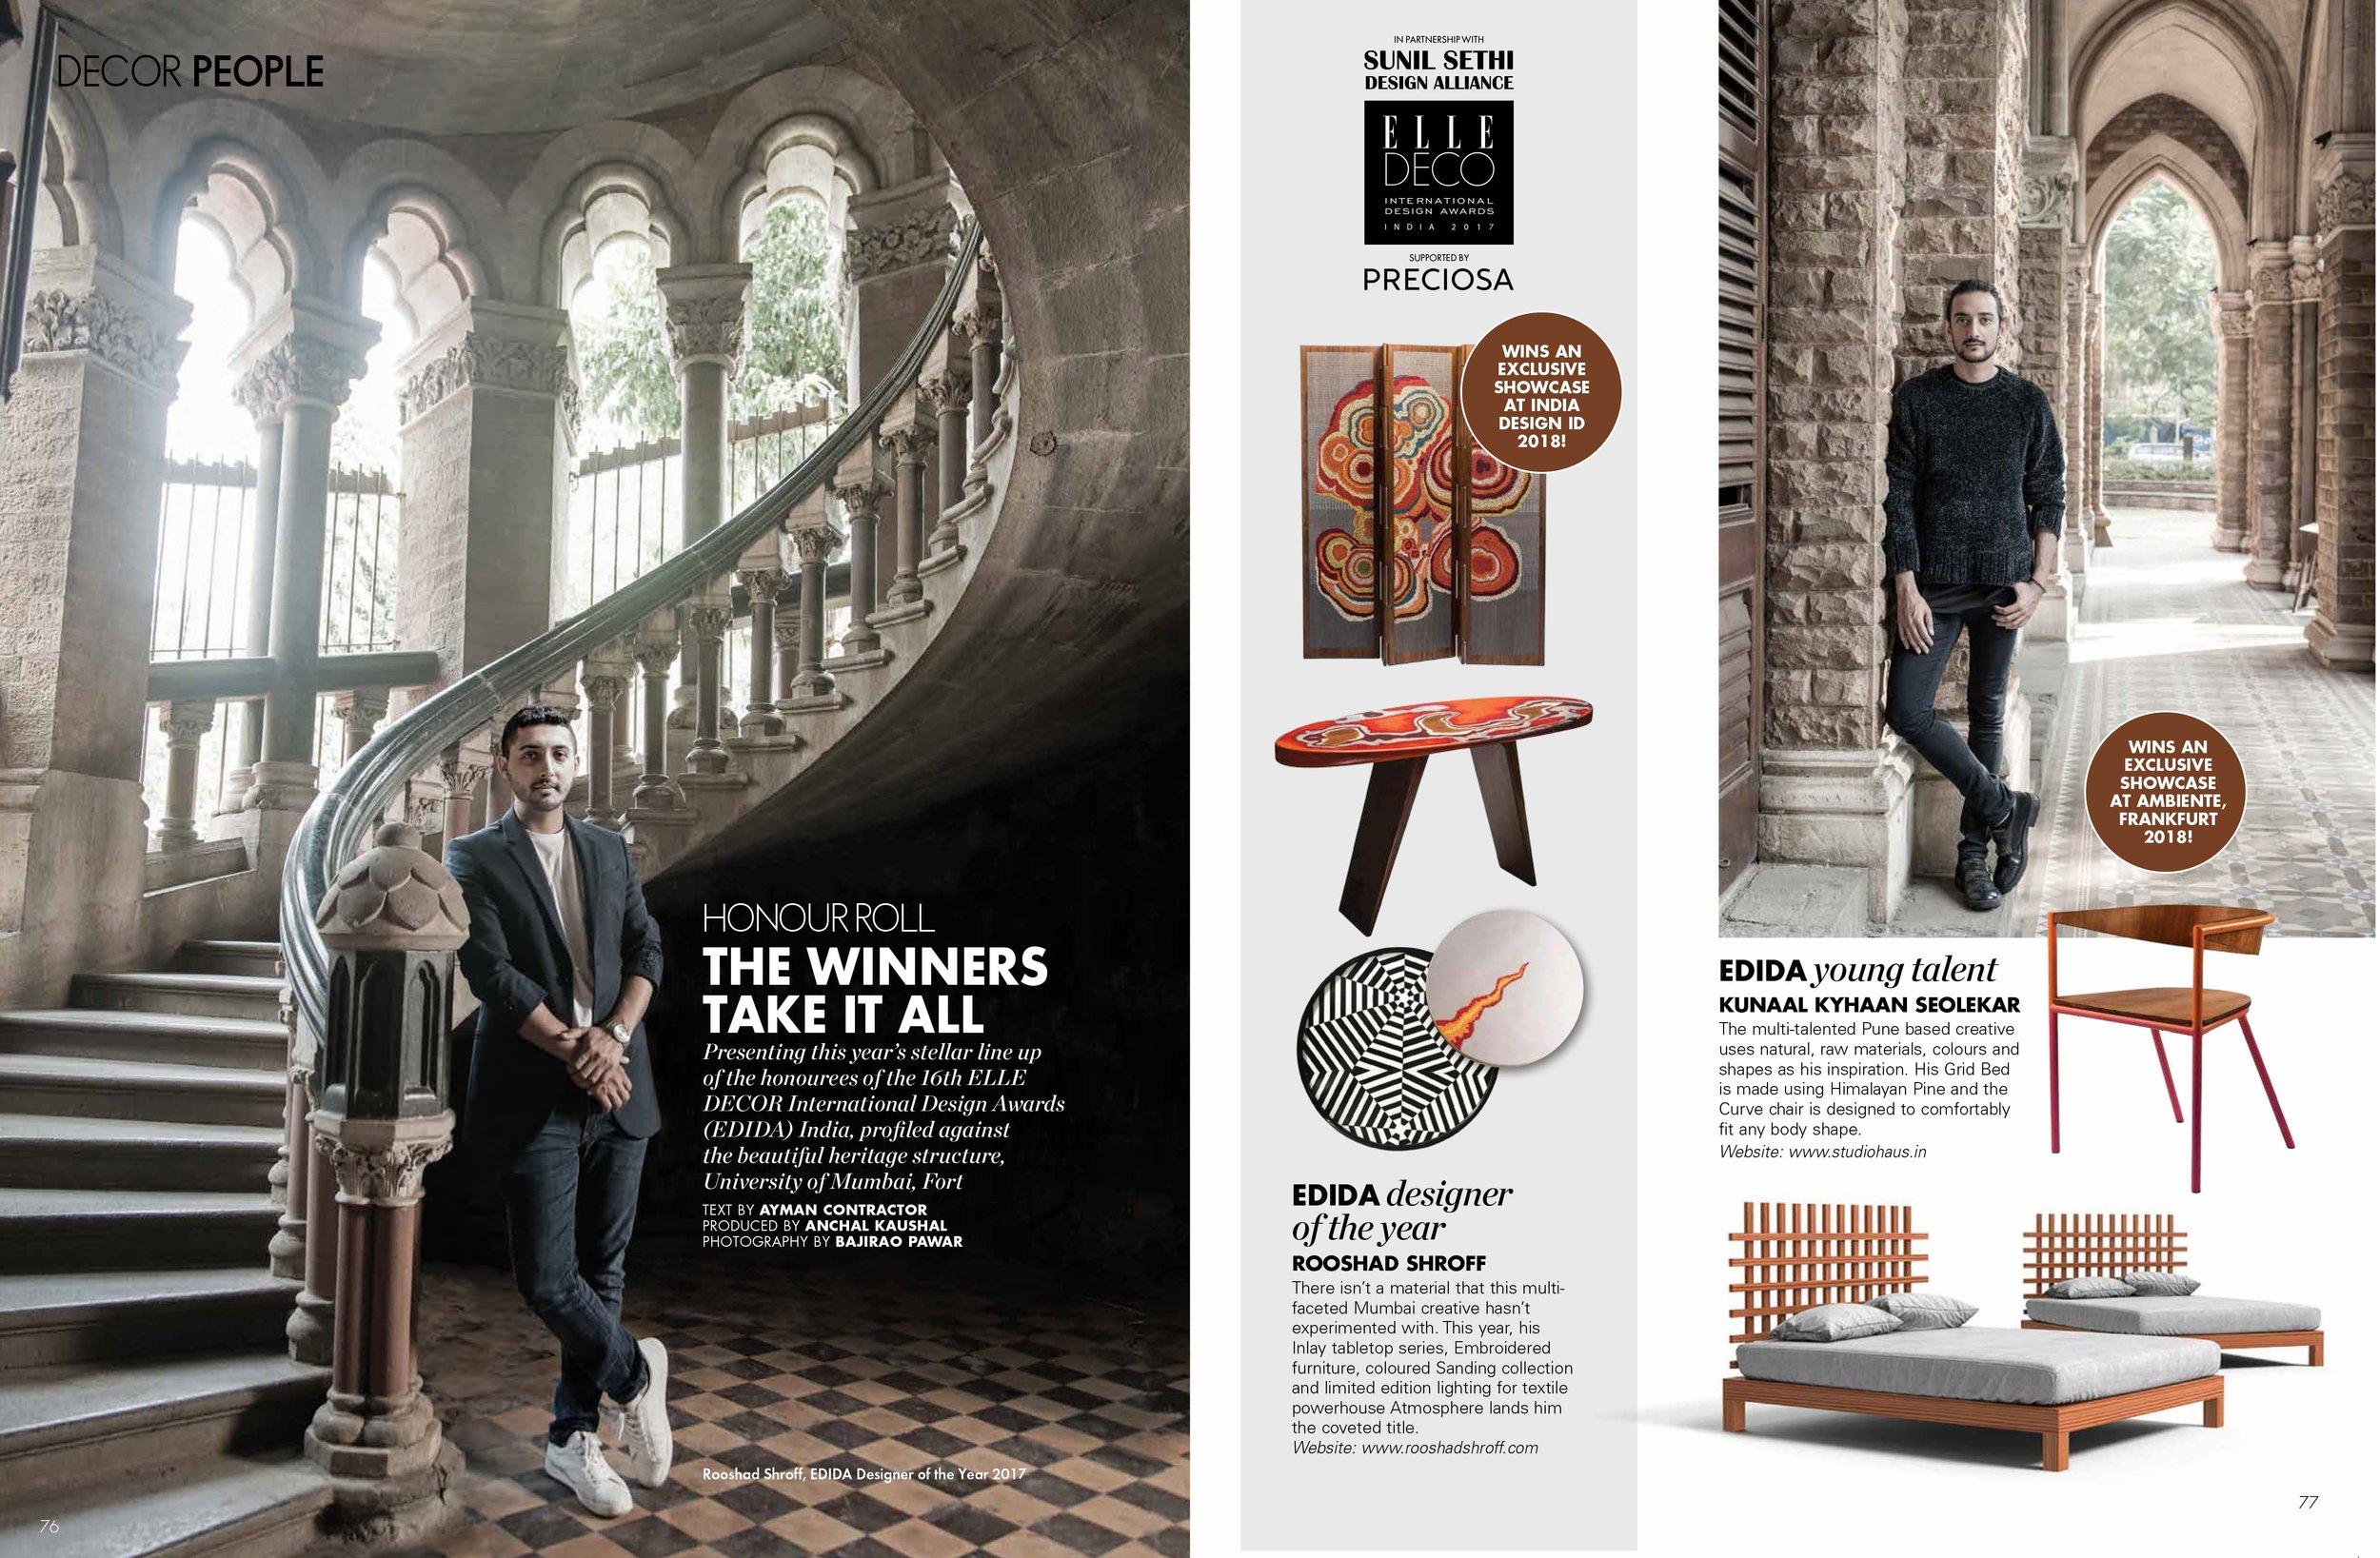 ELLE Decor |  EDIDA Winners  |  Kunaal Kyhaan Seolekar